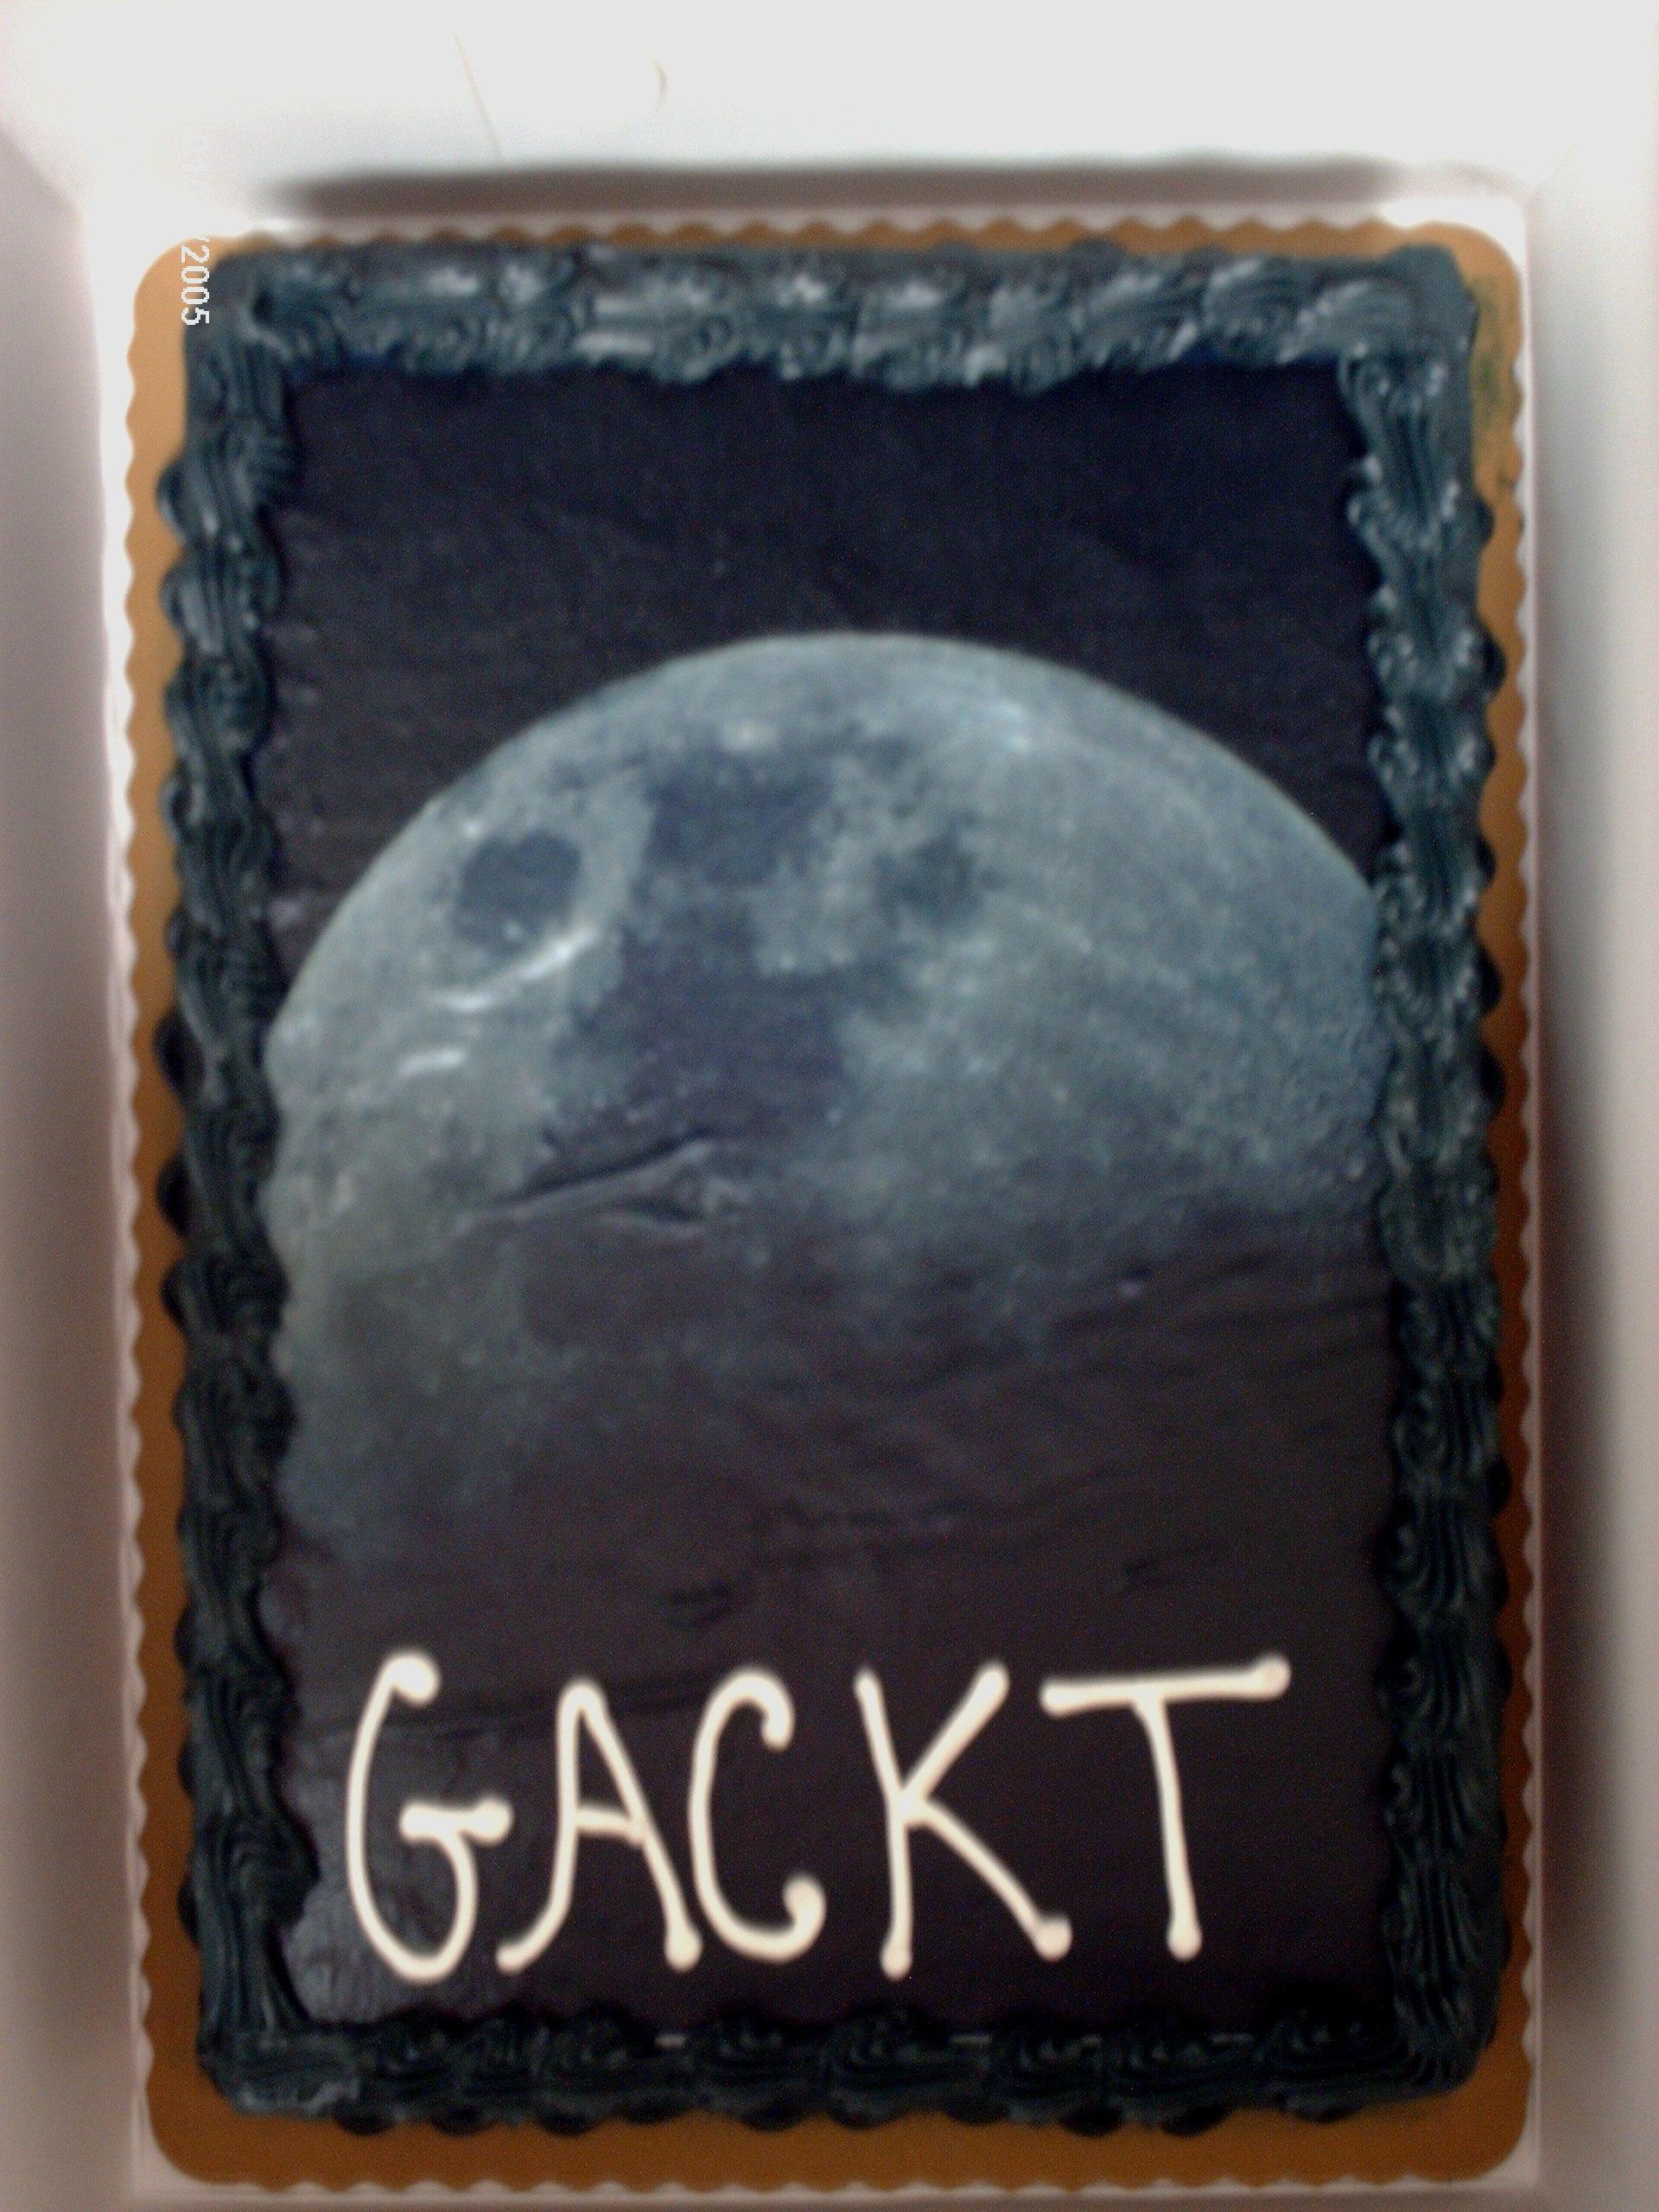 Cake for GACKT\'s birthday @ Chibi-Pa Sampler 1